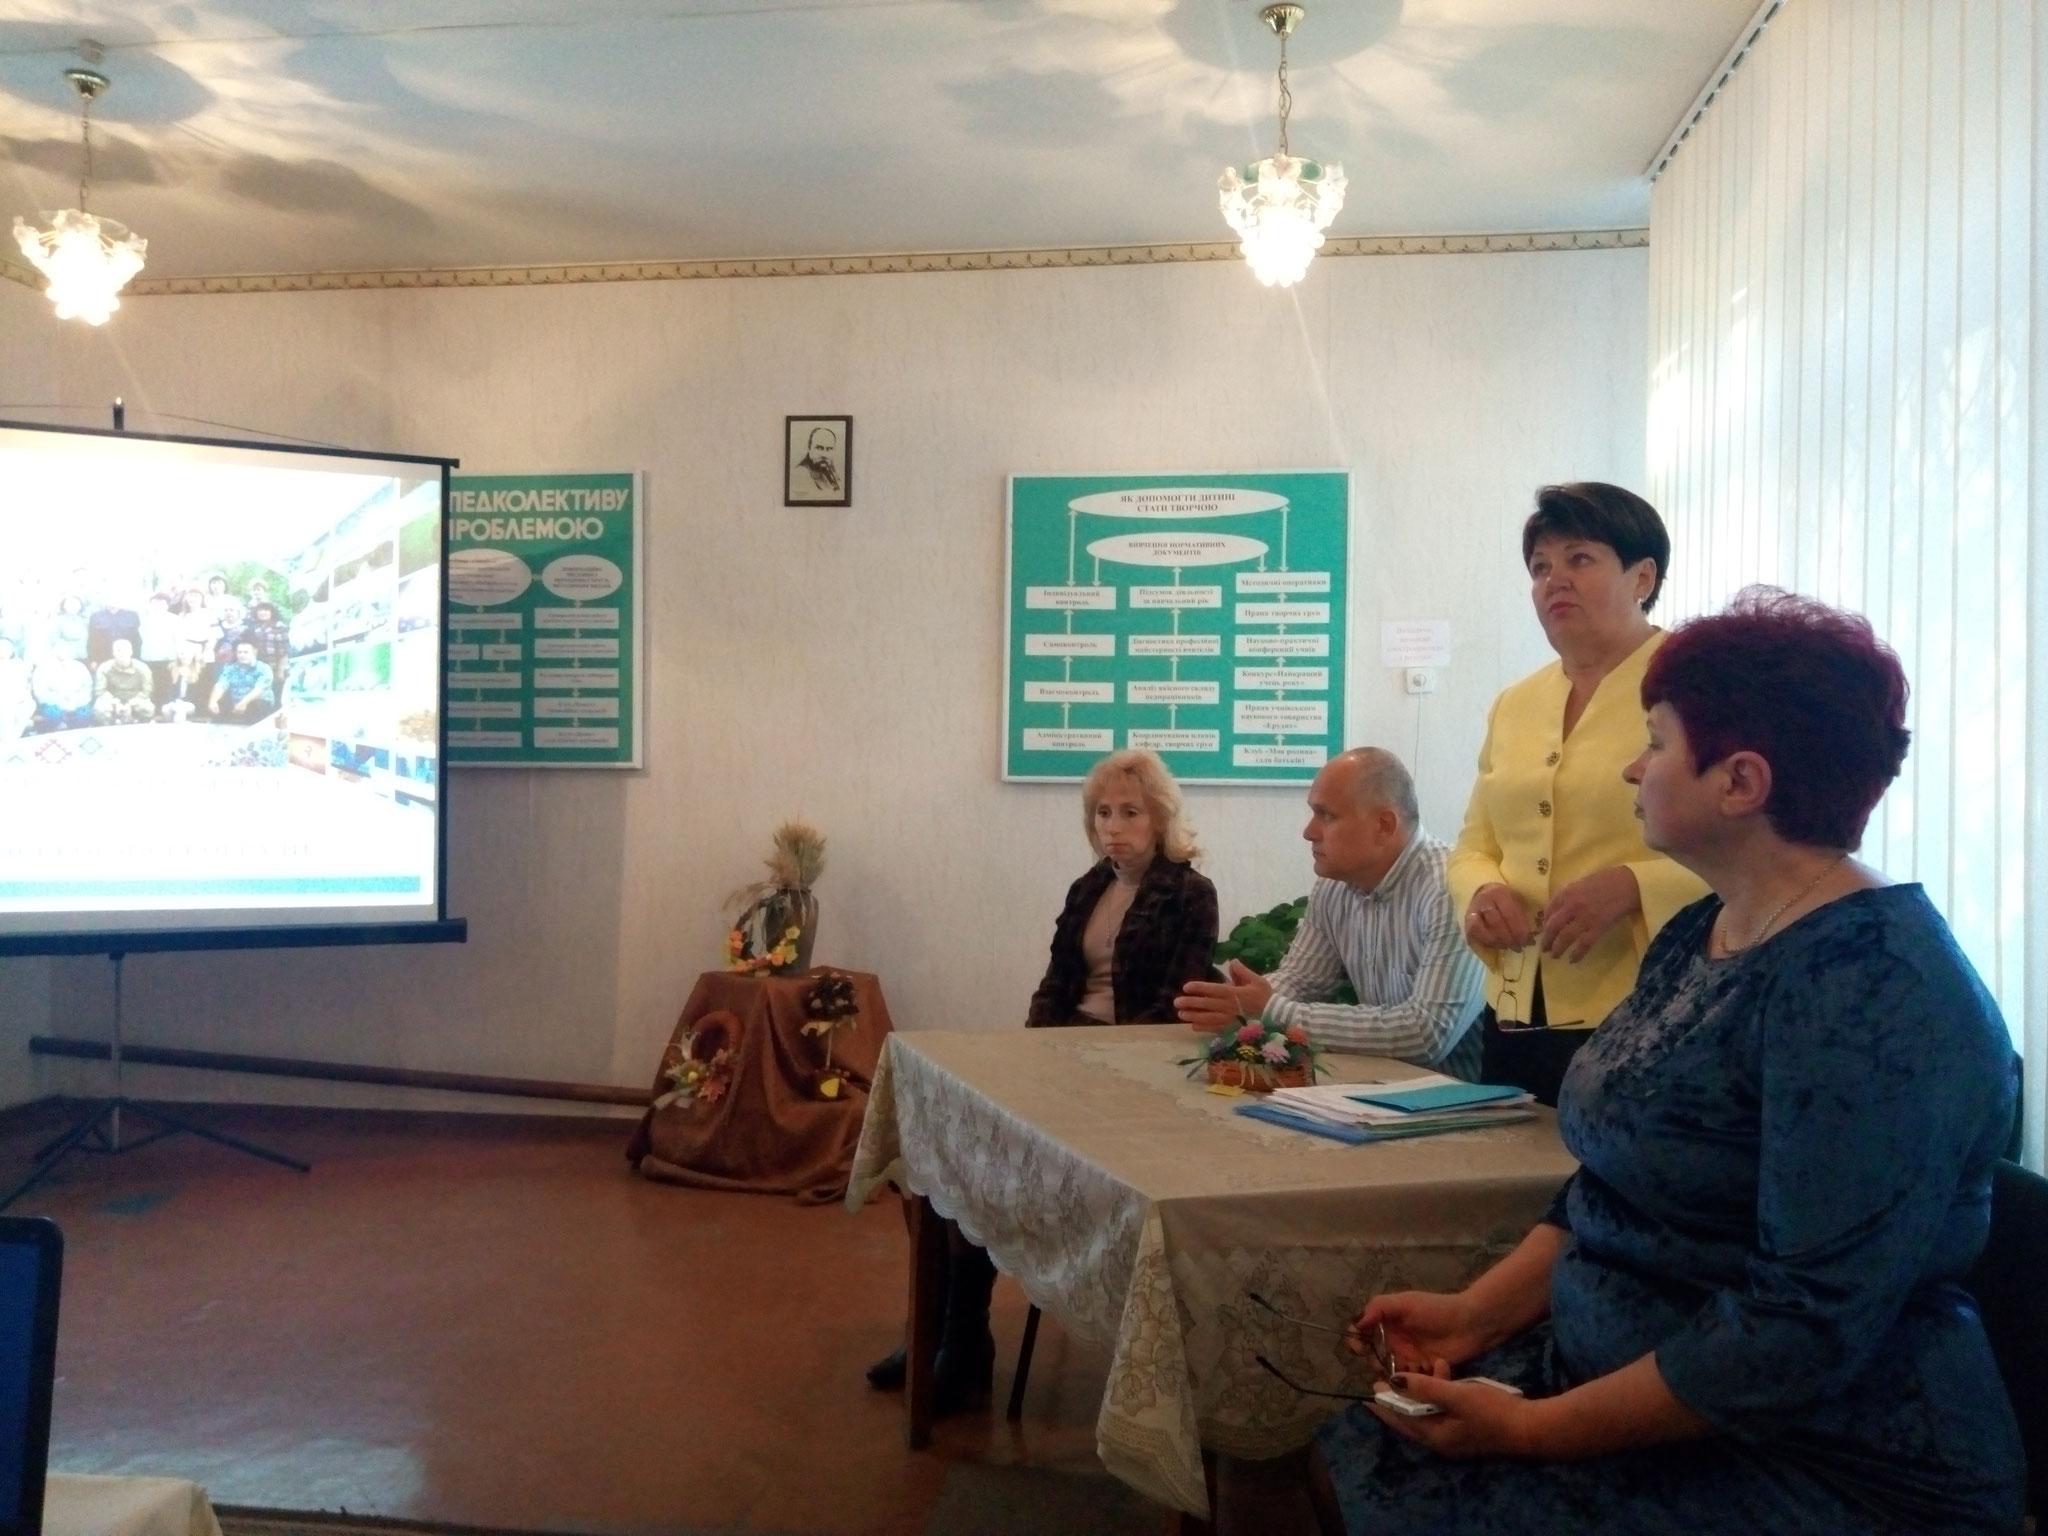 Відкриття семінару. Завідувач методичного кабінету при департаменті з гуманітарних питань В.А. Ващенко